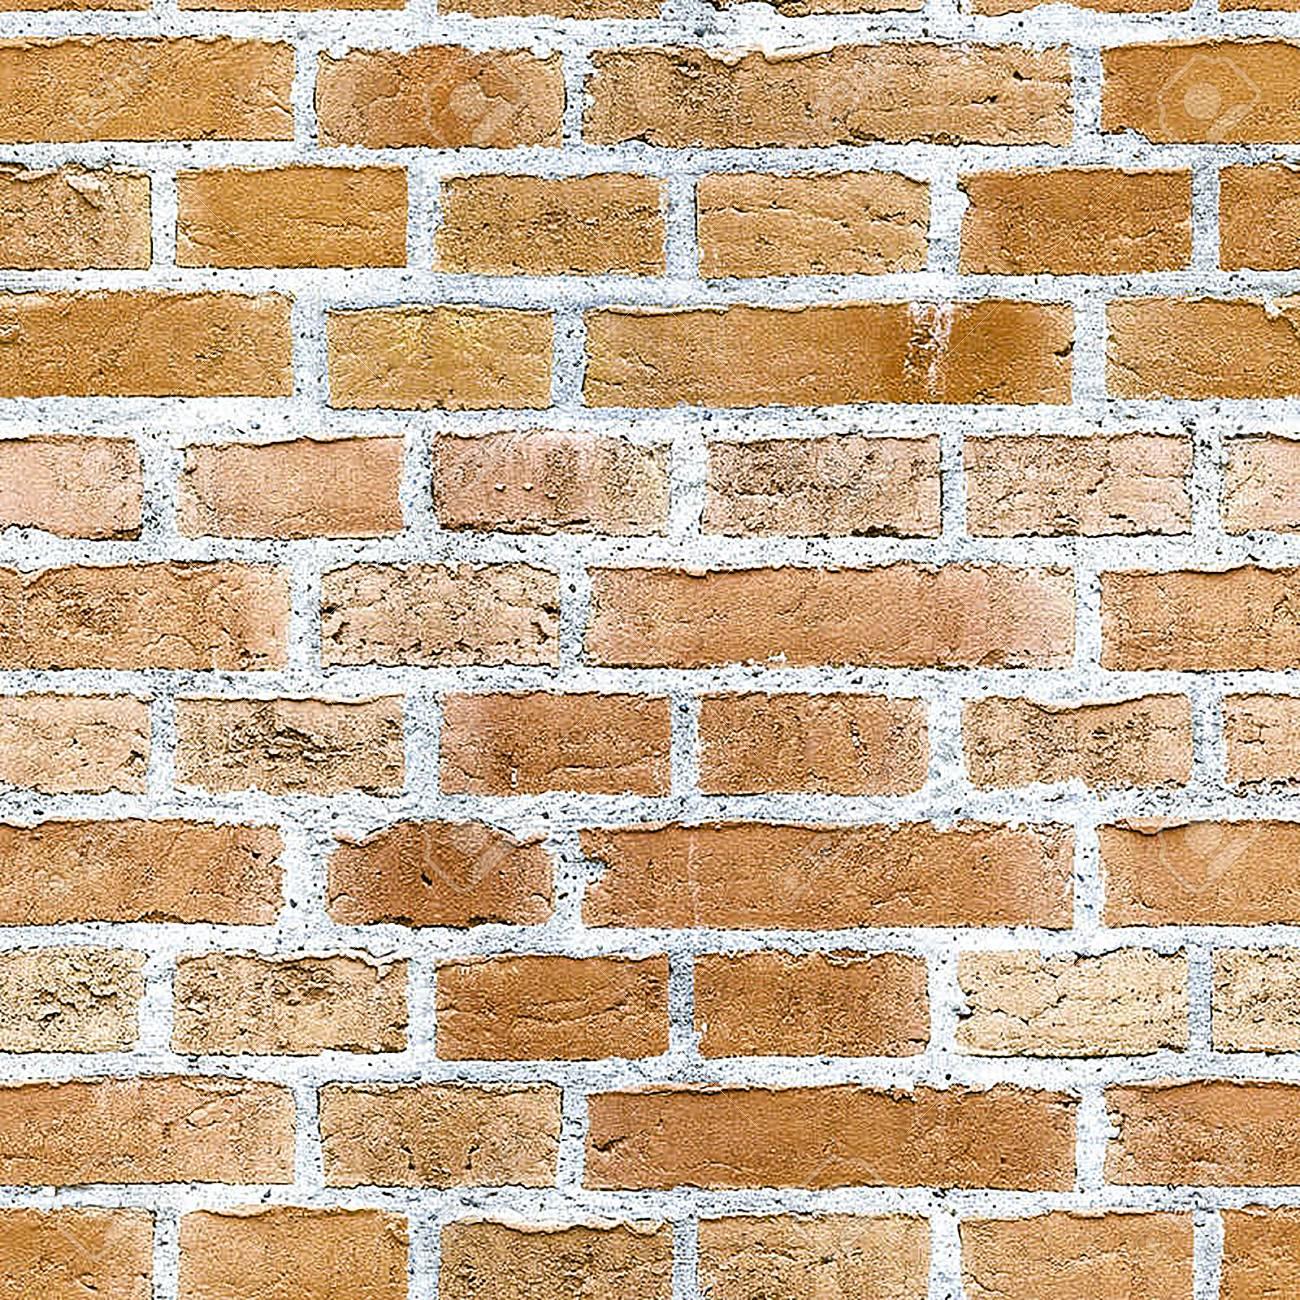 背景壁紙レンガ素材オレンジ色 の写真素材 画像素材 Image